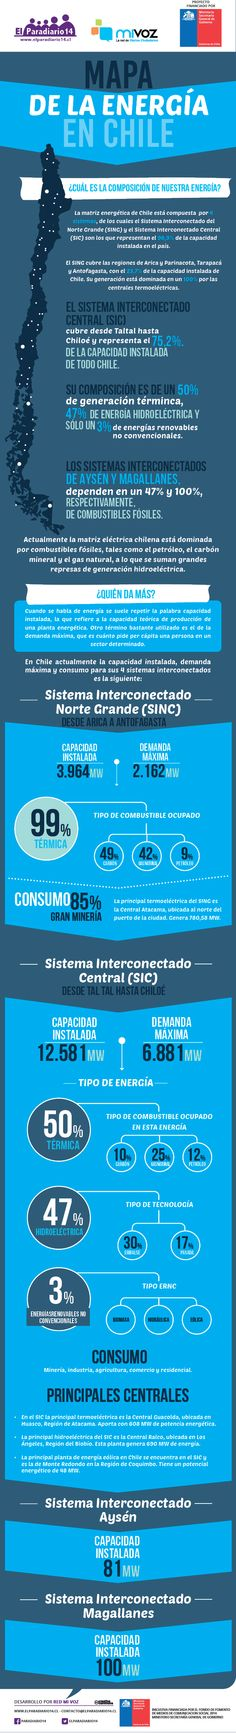 [Infografía] Energía en Chile ¿cómo se mueve el mapa? | El Paradiario14.cl, Noticias de la Florida y Santiago